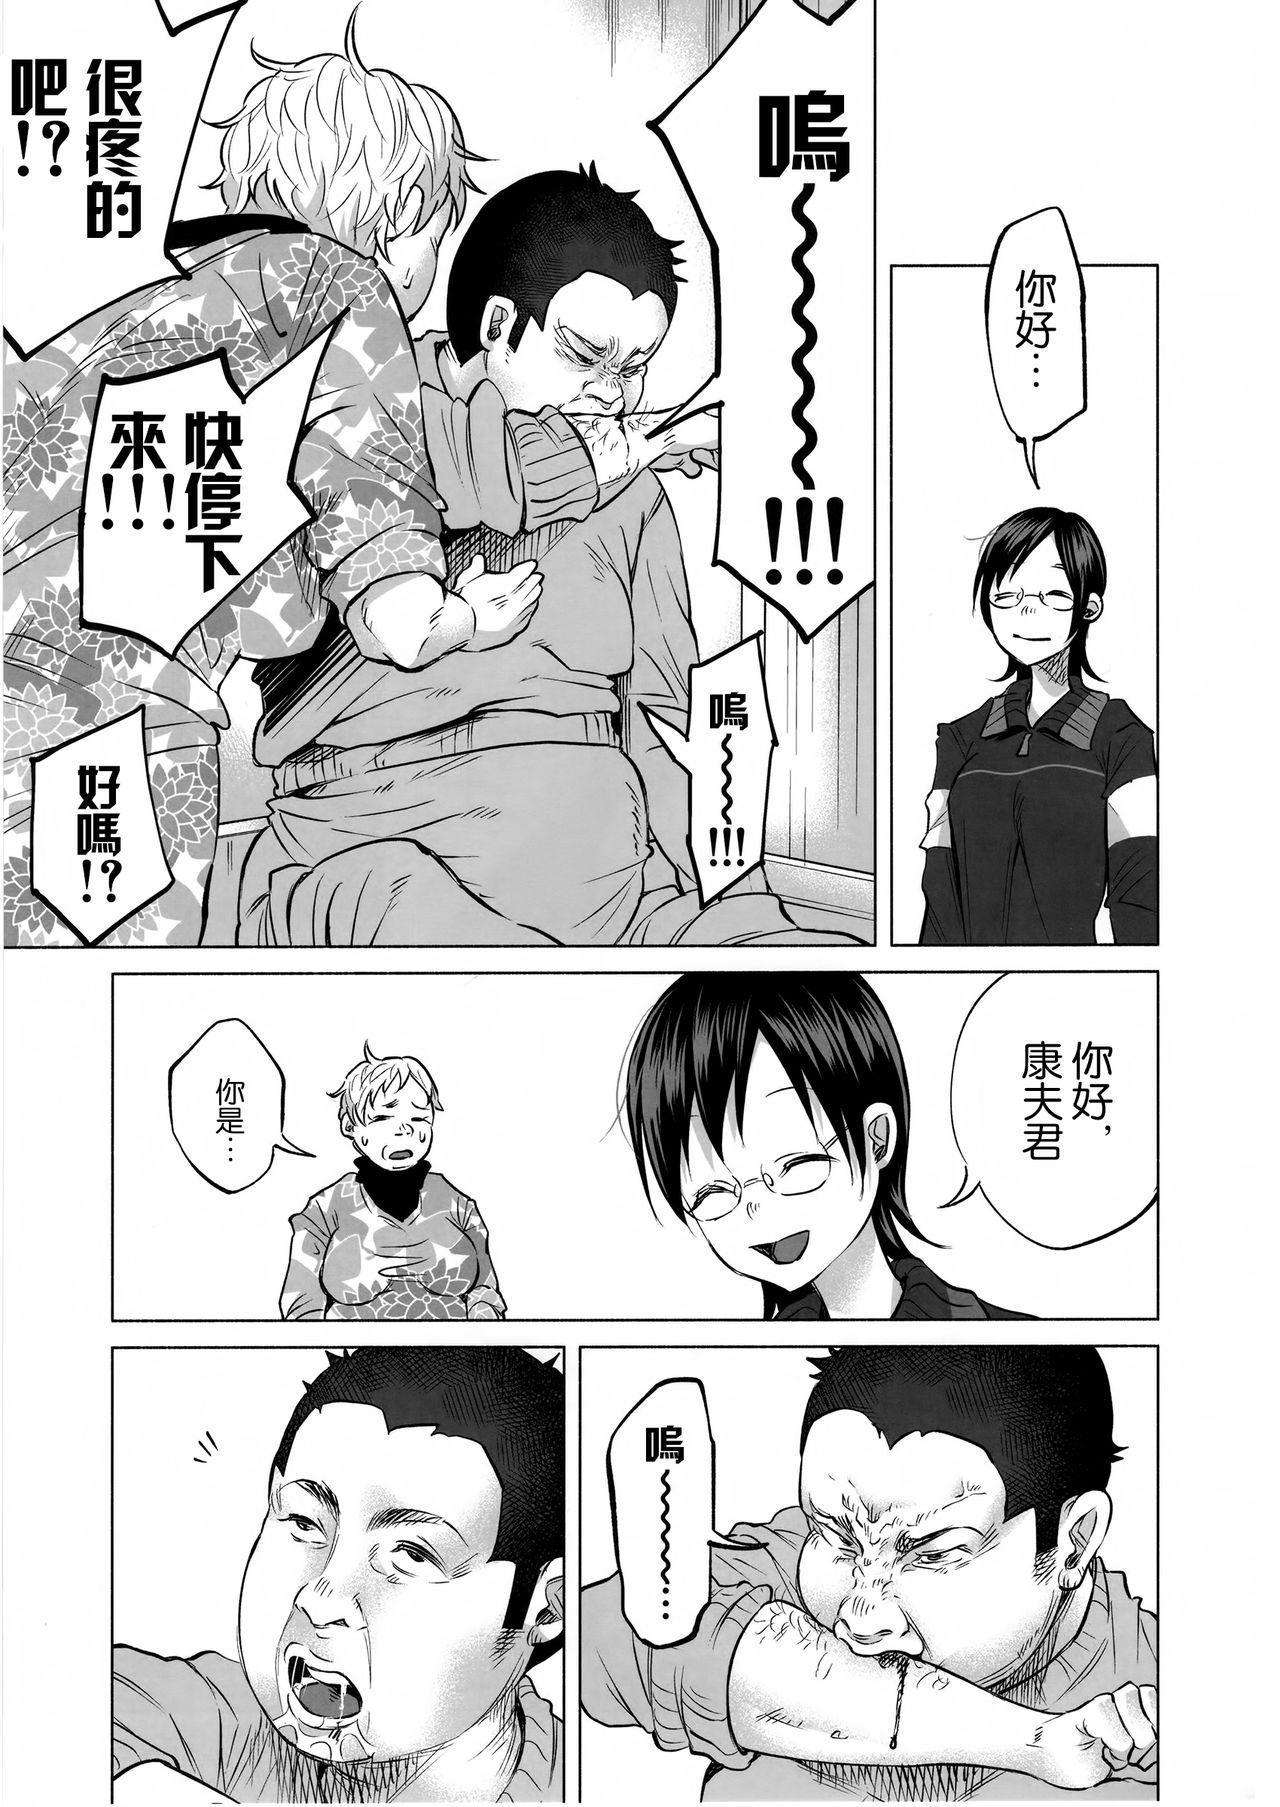 Koi Monogatari 32